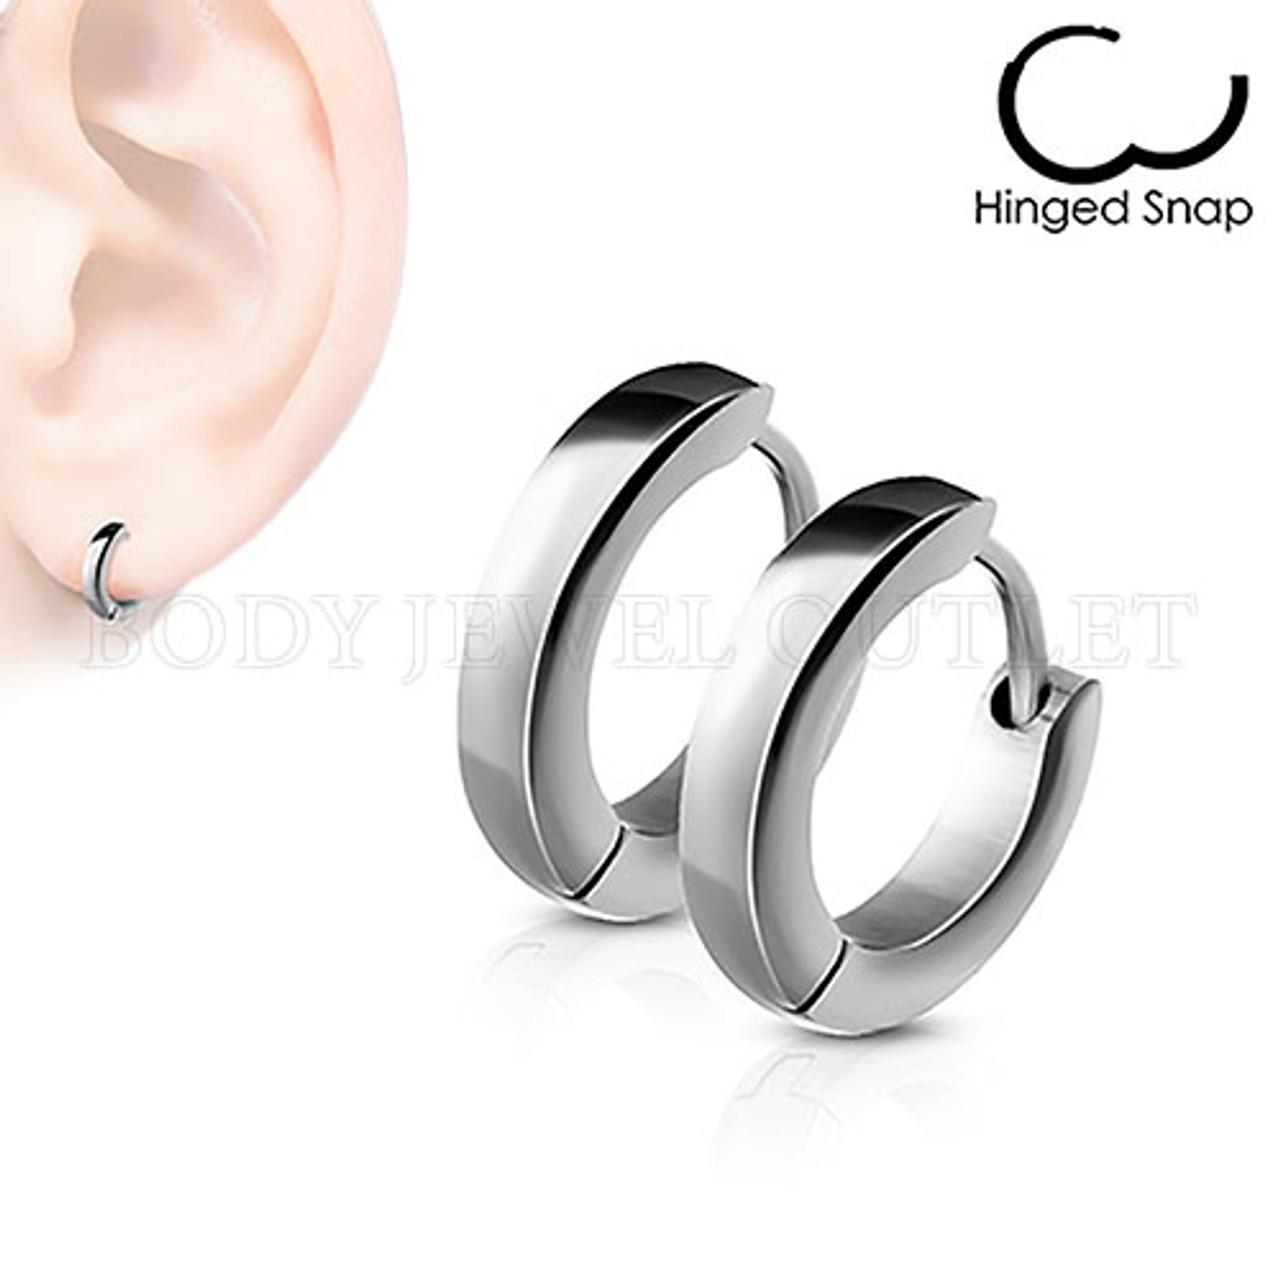 Stainless Steel 316L Grade Huggie Hooop Earring